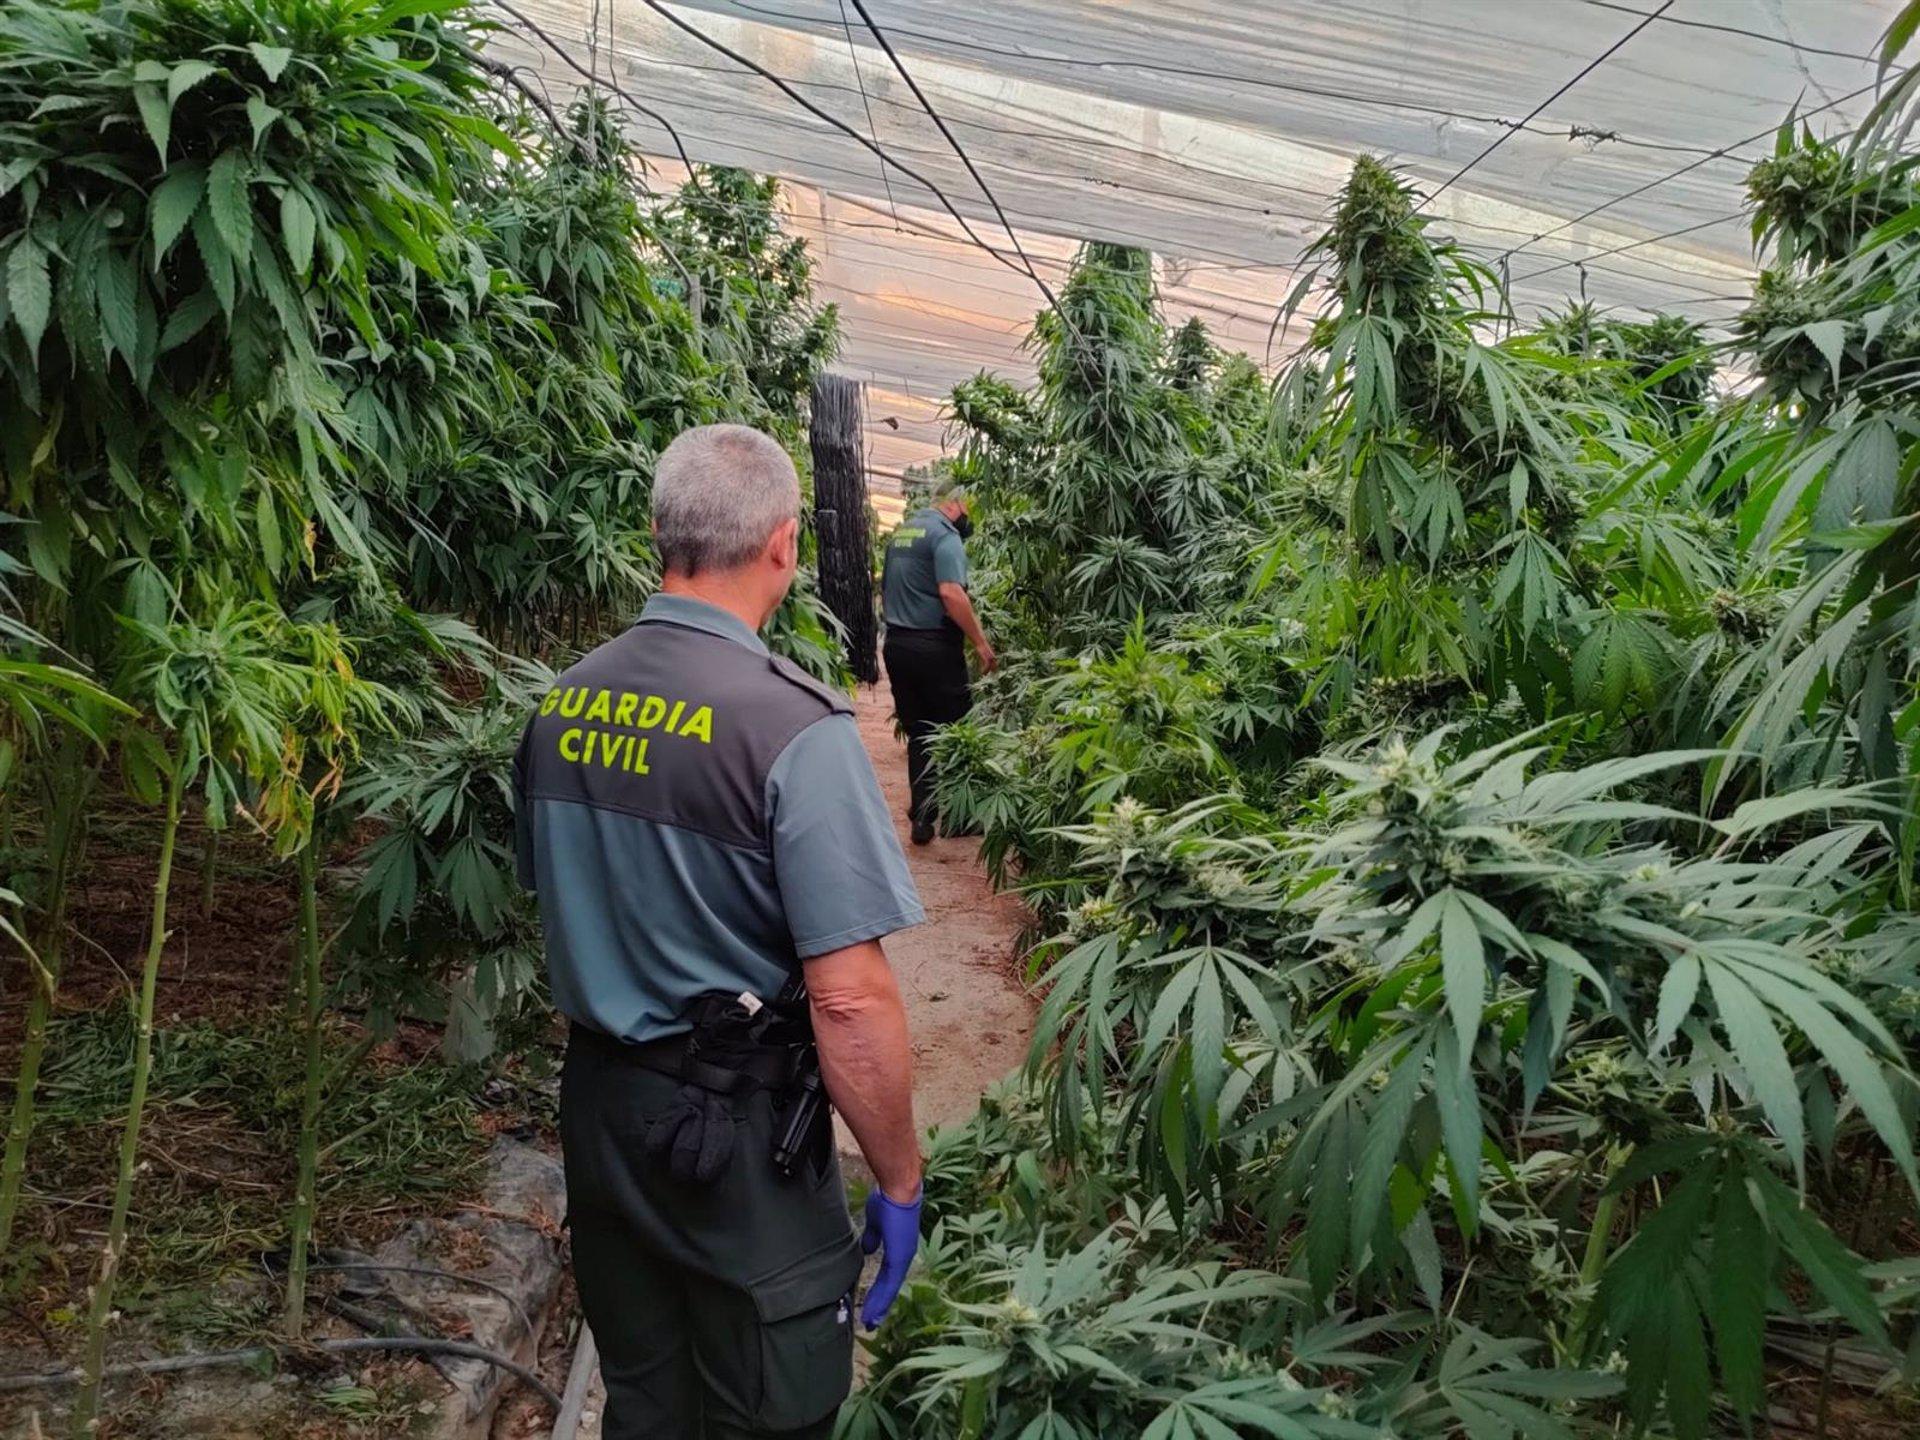 La Guardia Civil se incauta de 9.600 plantas de cannabis sativa en Cuevas del Campo